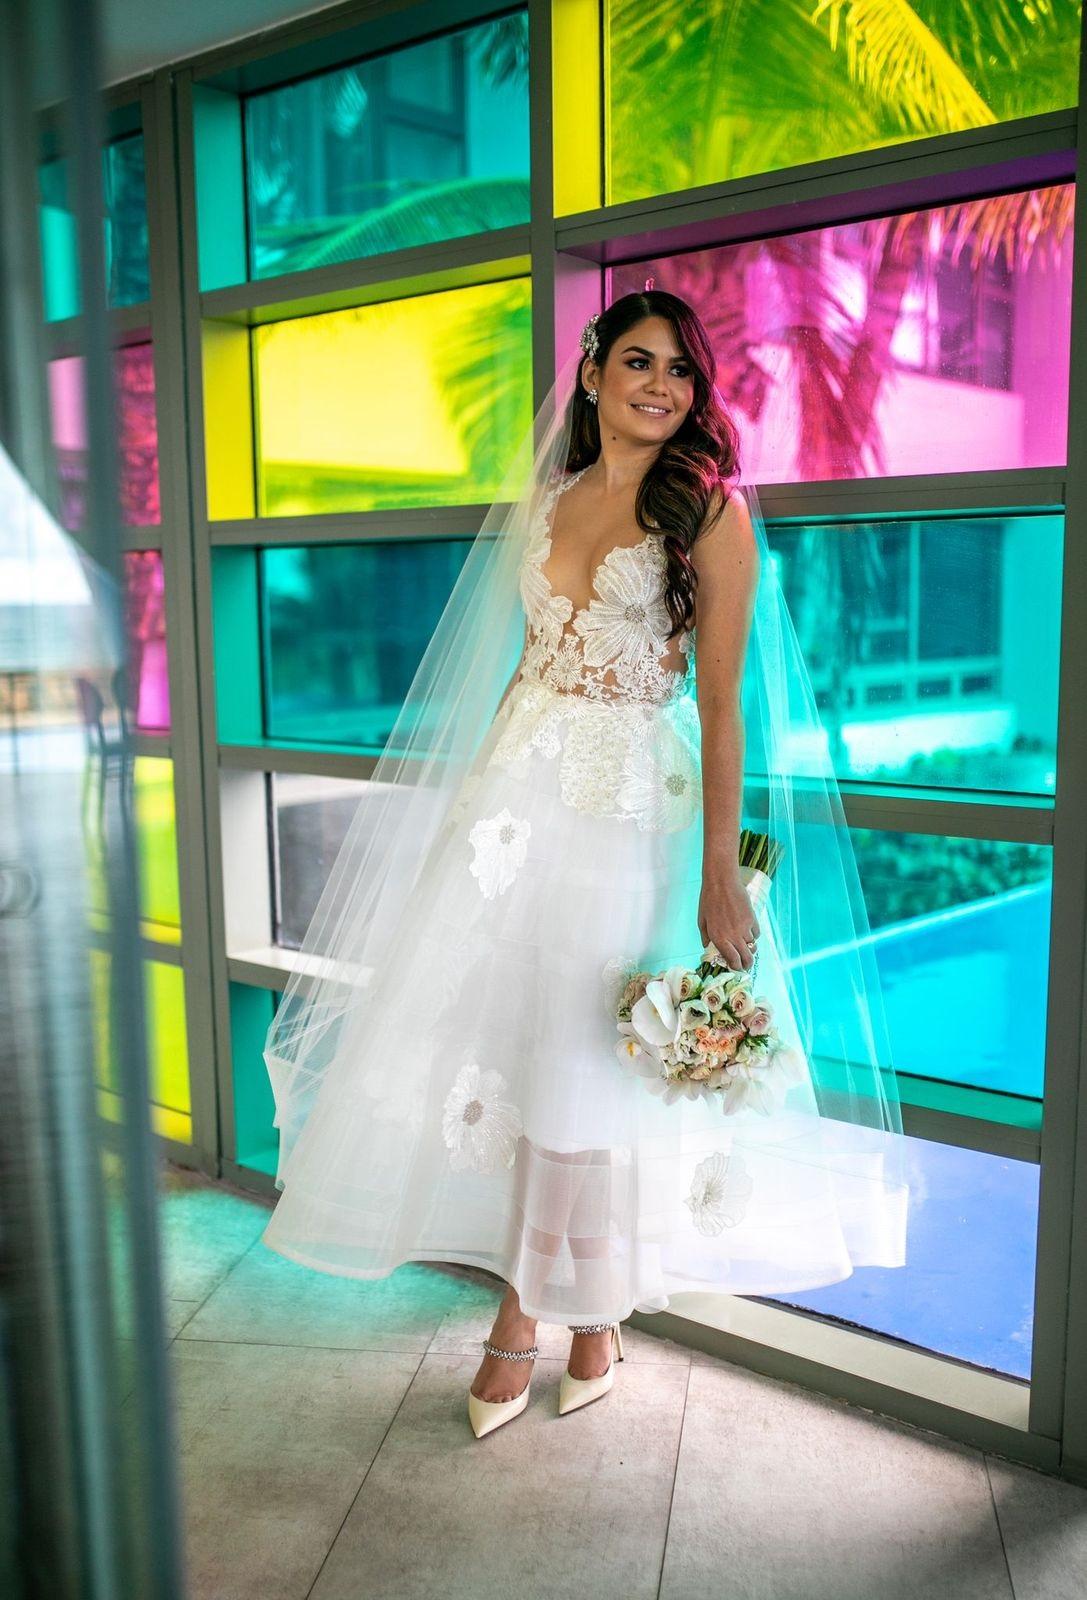 Vestido de la novia: Jean Cintrón. Accesorios: Eva Guadalupe. (Foto: Wilo Rosado)